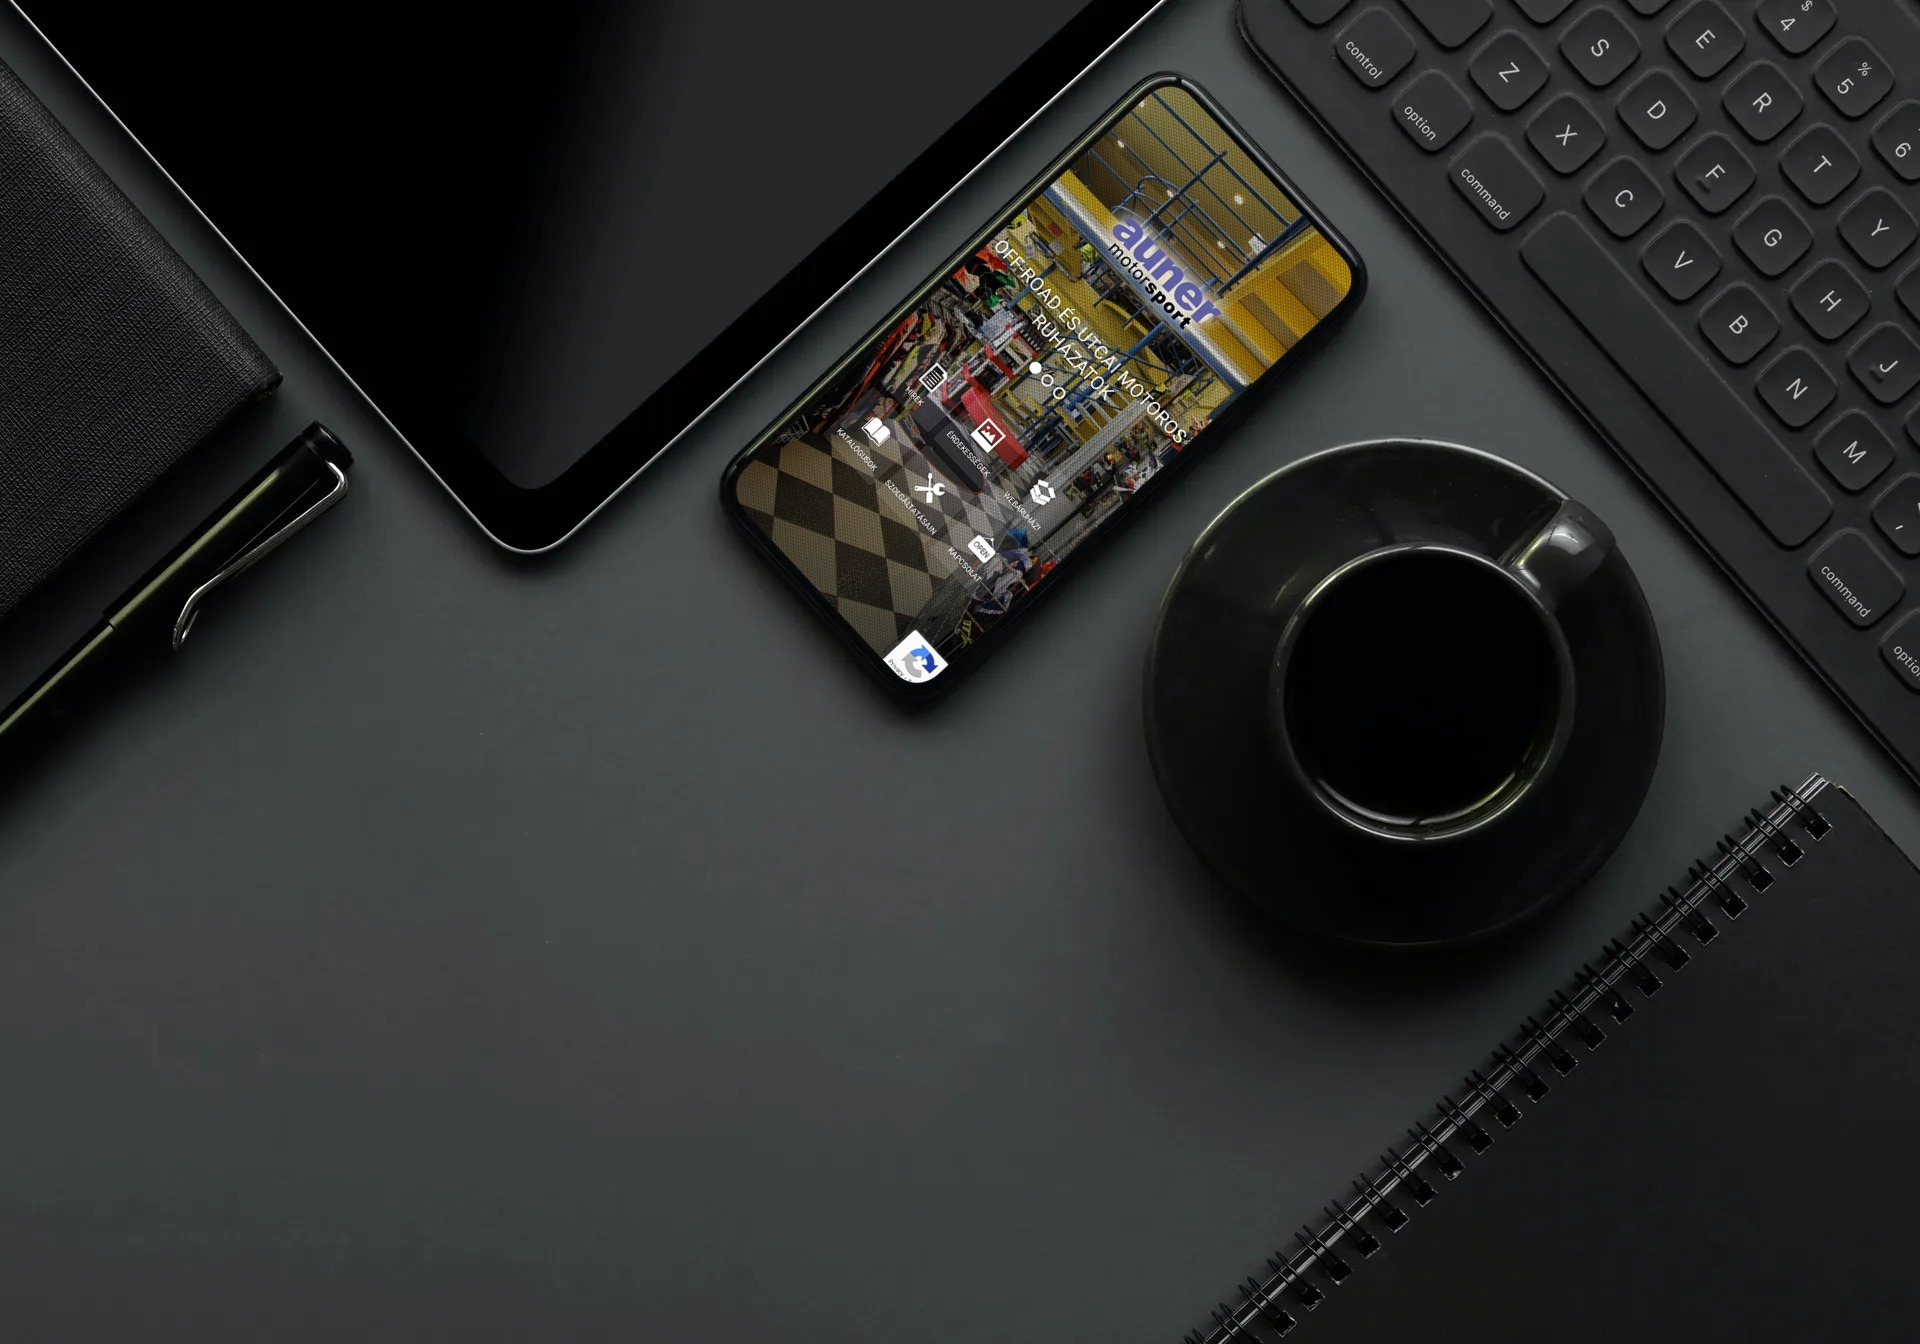 auner.hu weboldal megjelenése iPhone-on